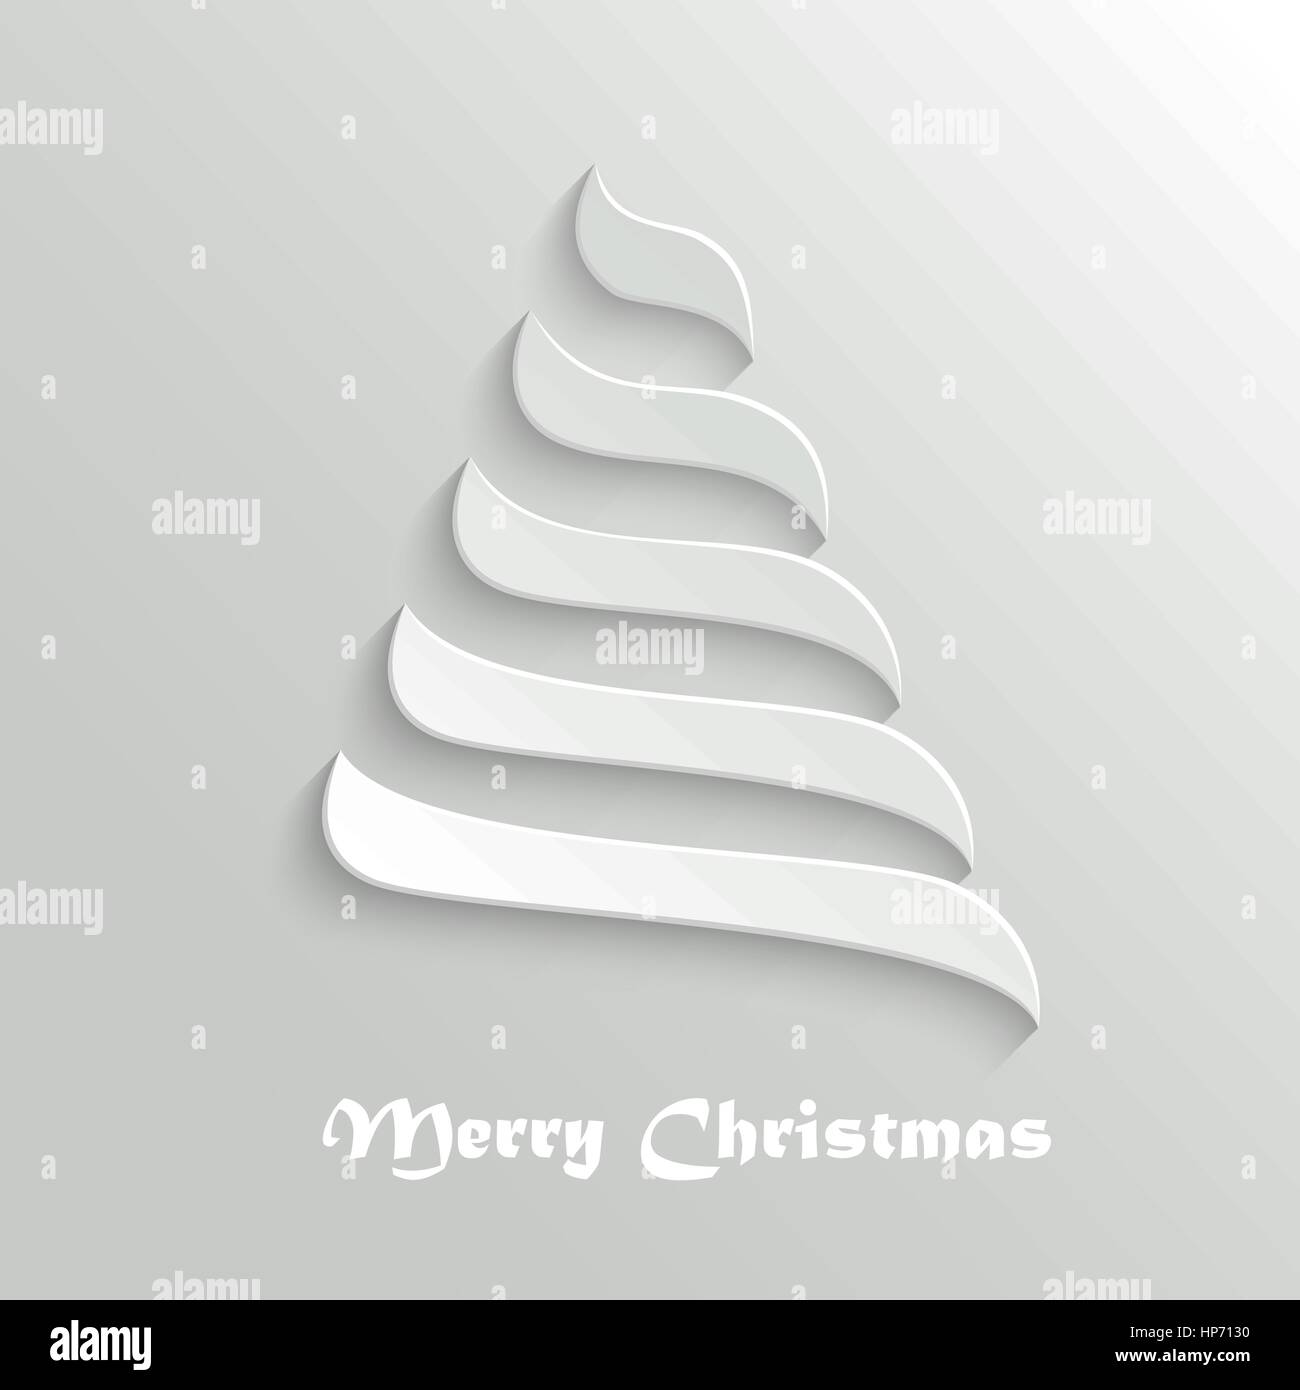 Weihnachtsbaum - 3d abstrakte Neujahr Symbol. Grußkarte Design ...